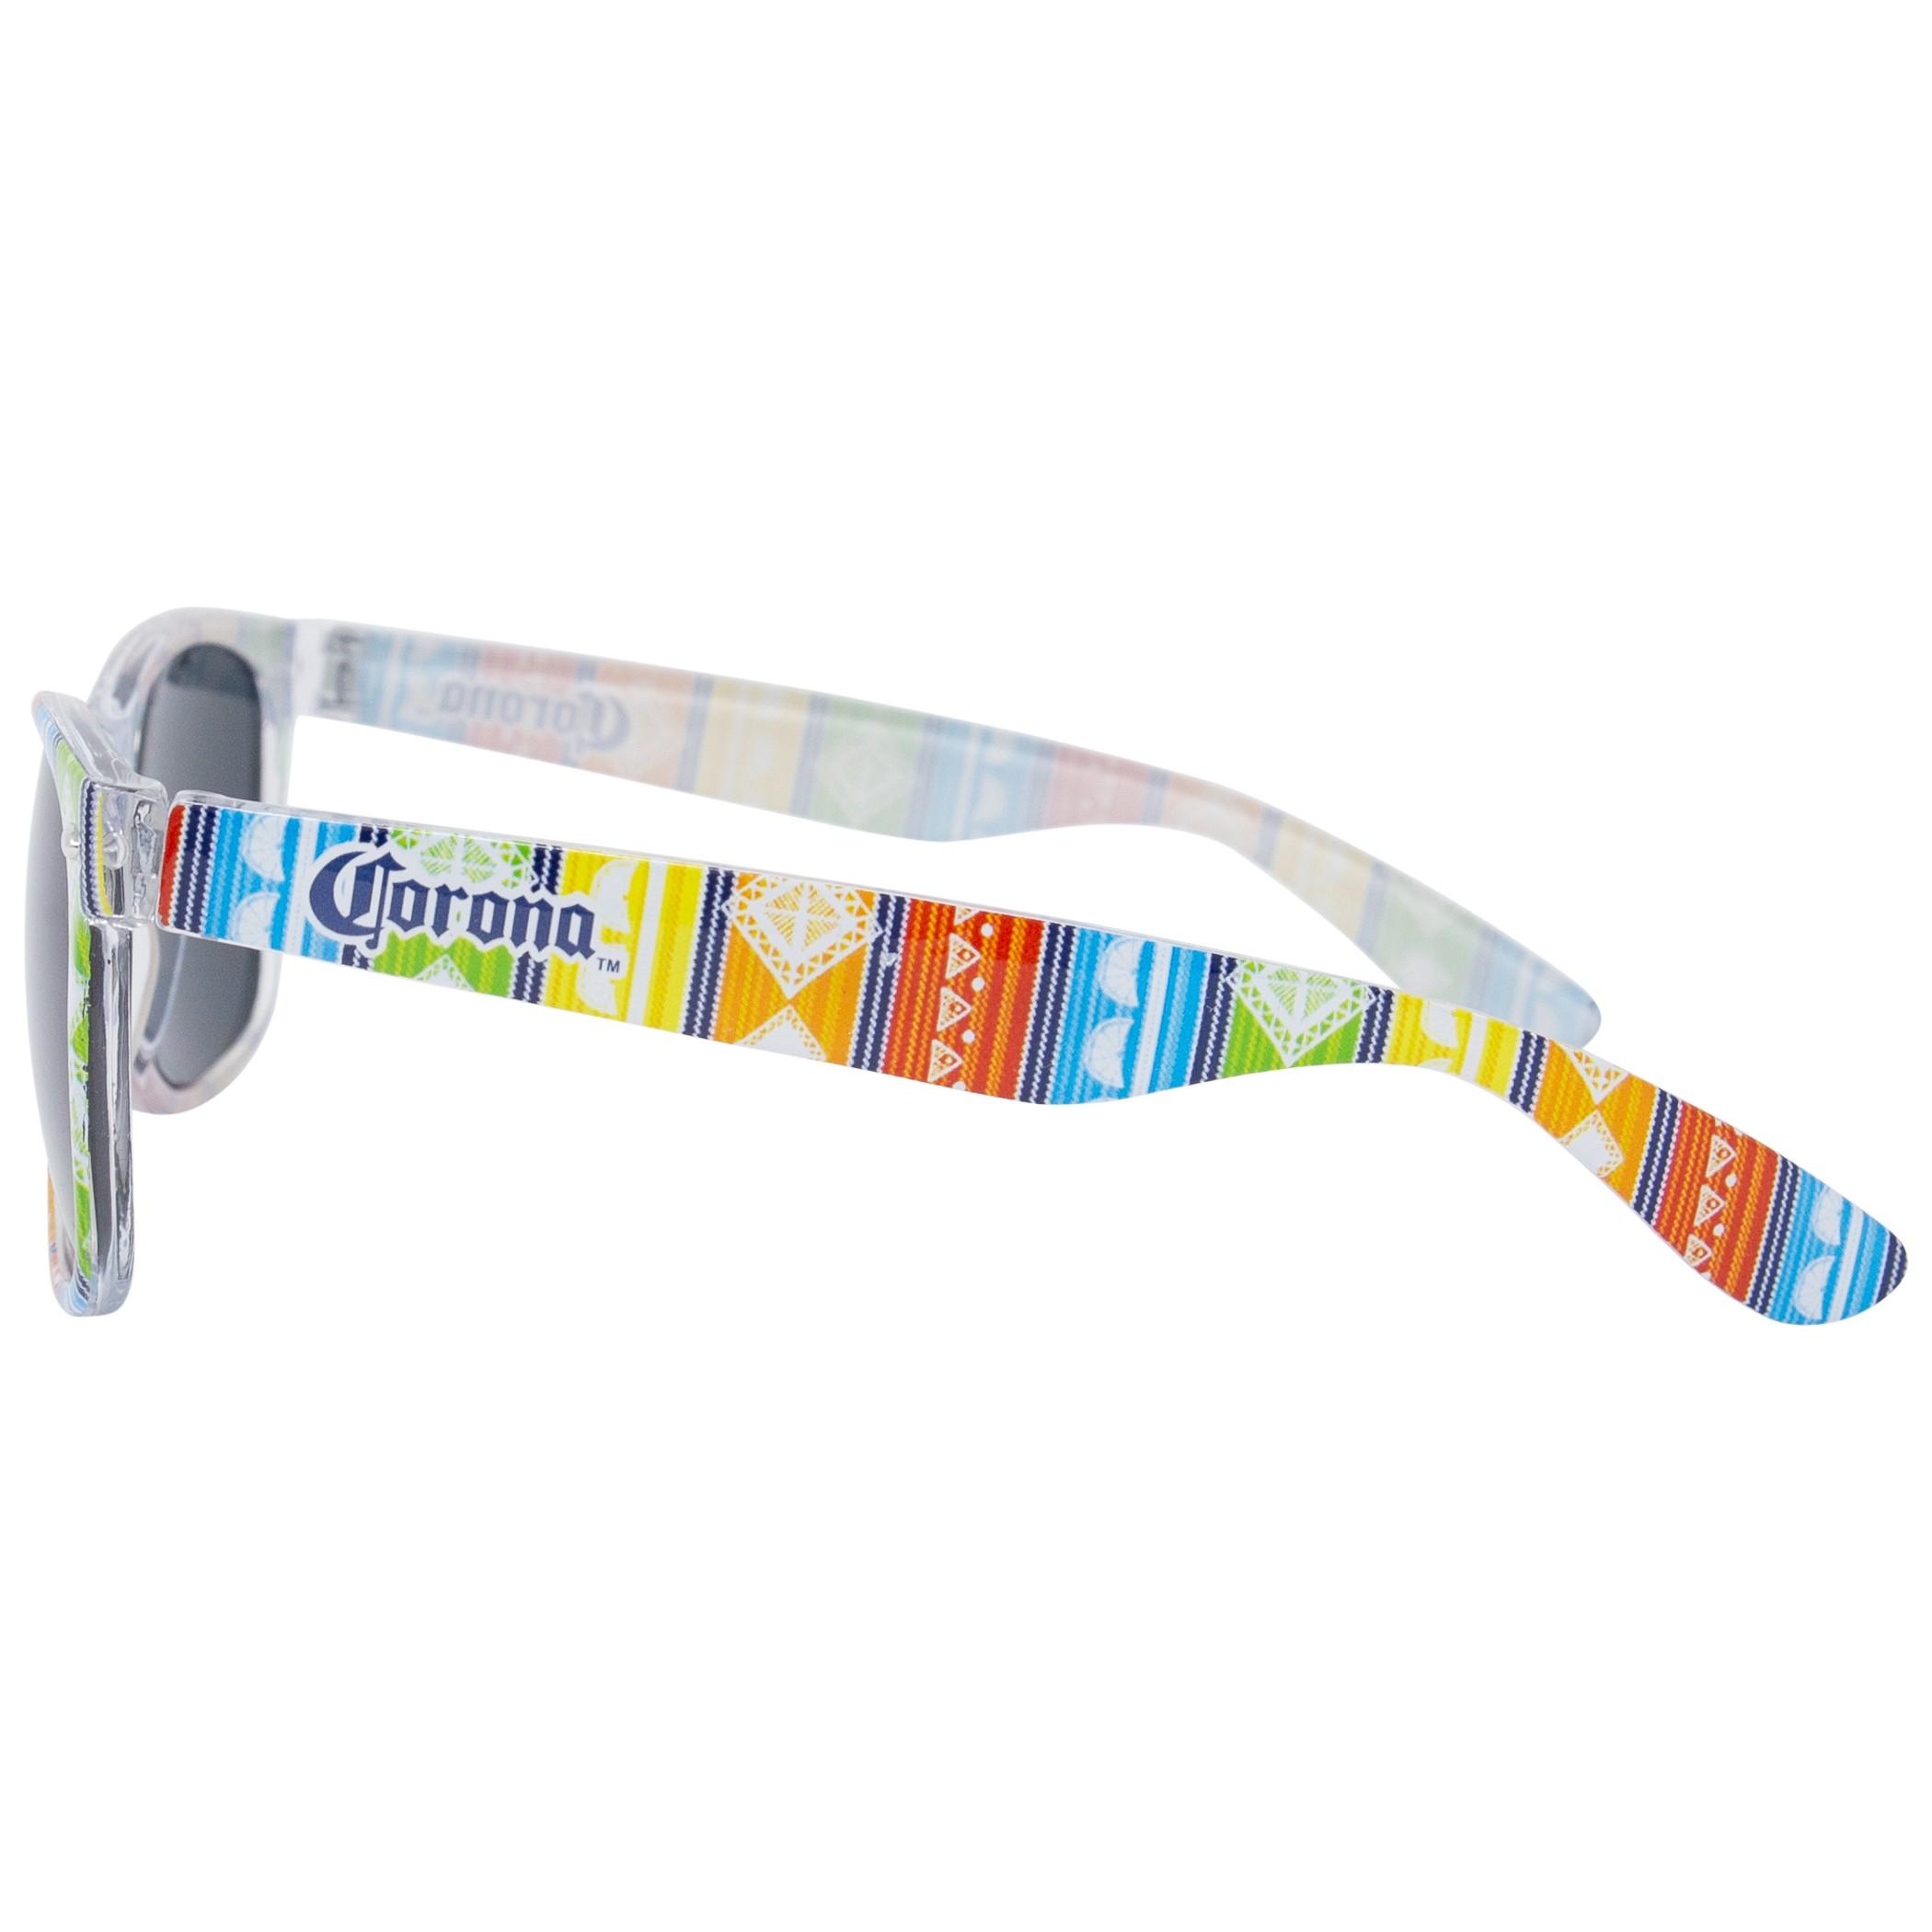 Corona Sunglasses Bottle Opener by Corona